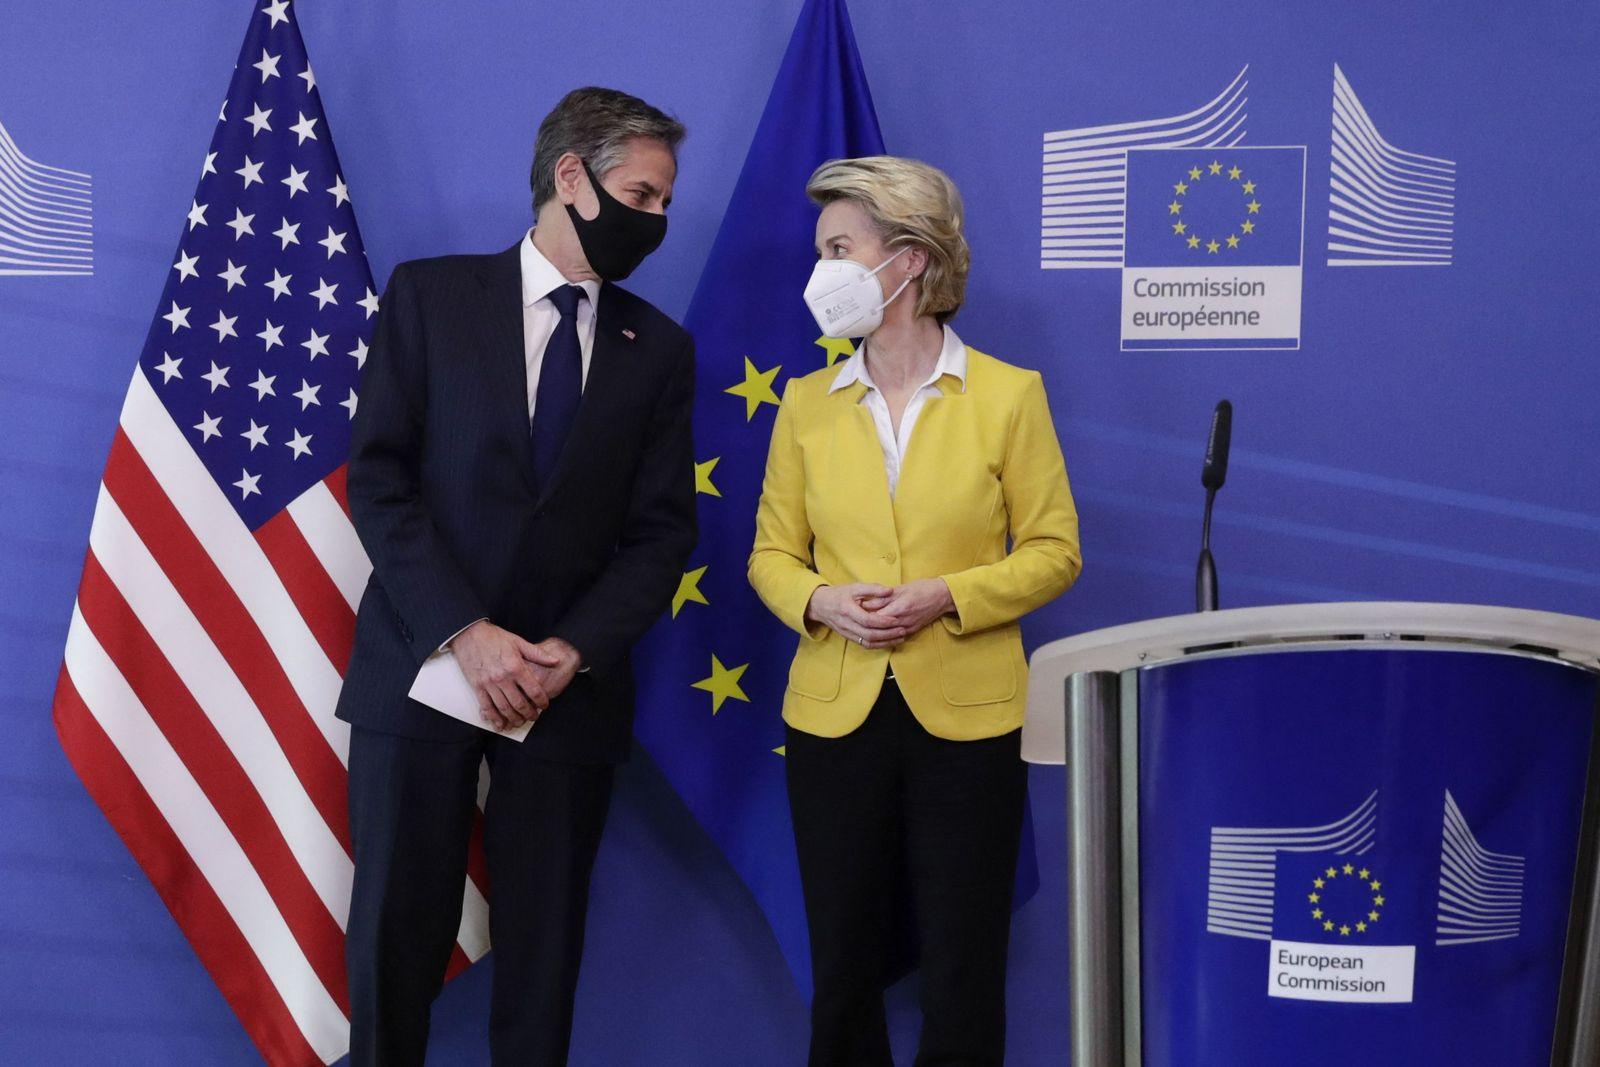 BELGIUM-US-EU-POLITICS-DIPLOMACY